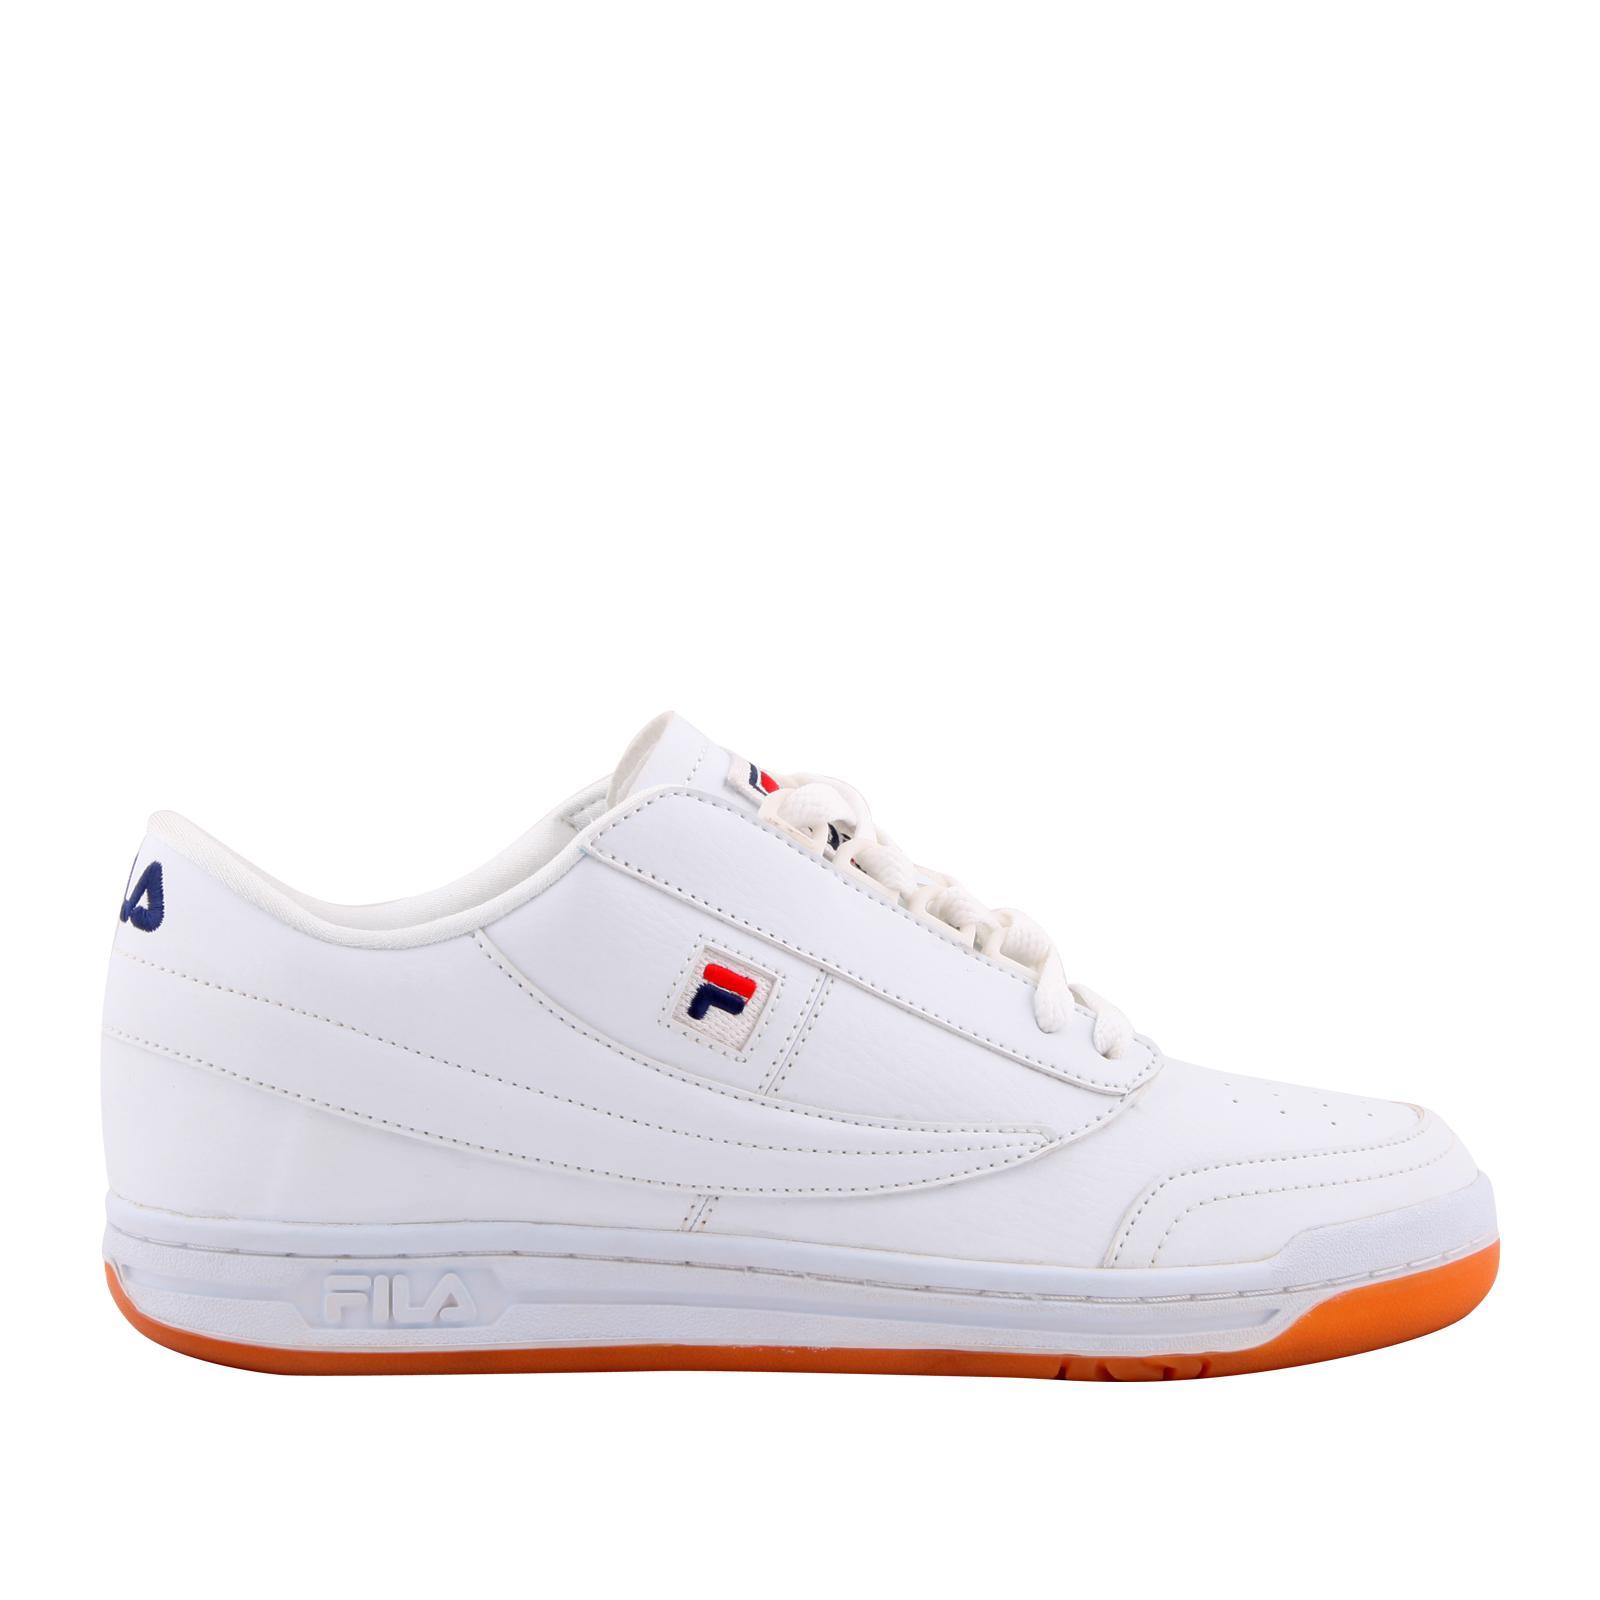 Fila Sepatu Tenis Olahraga Original Tennis